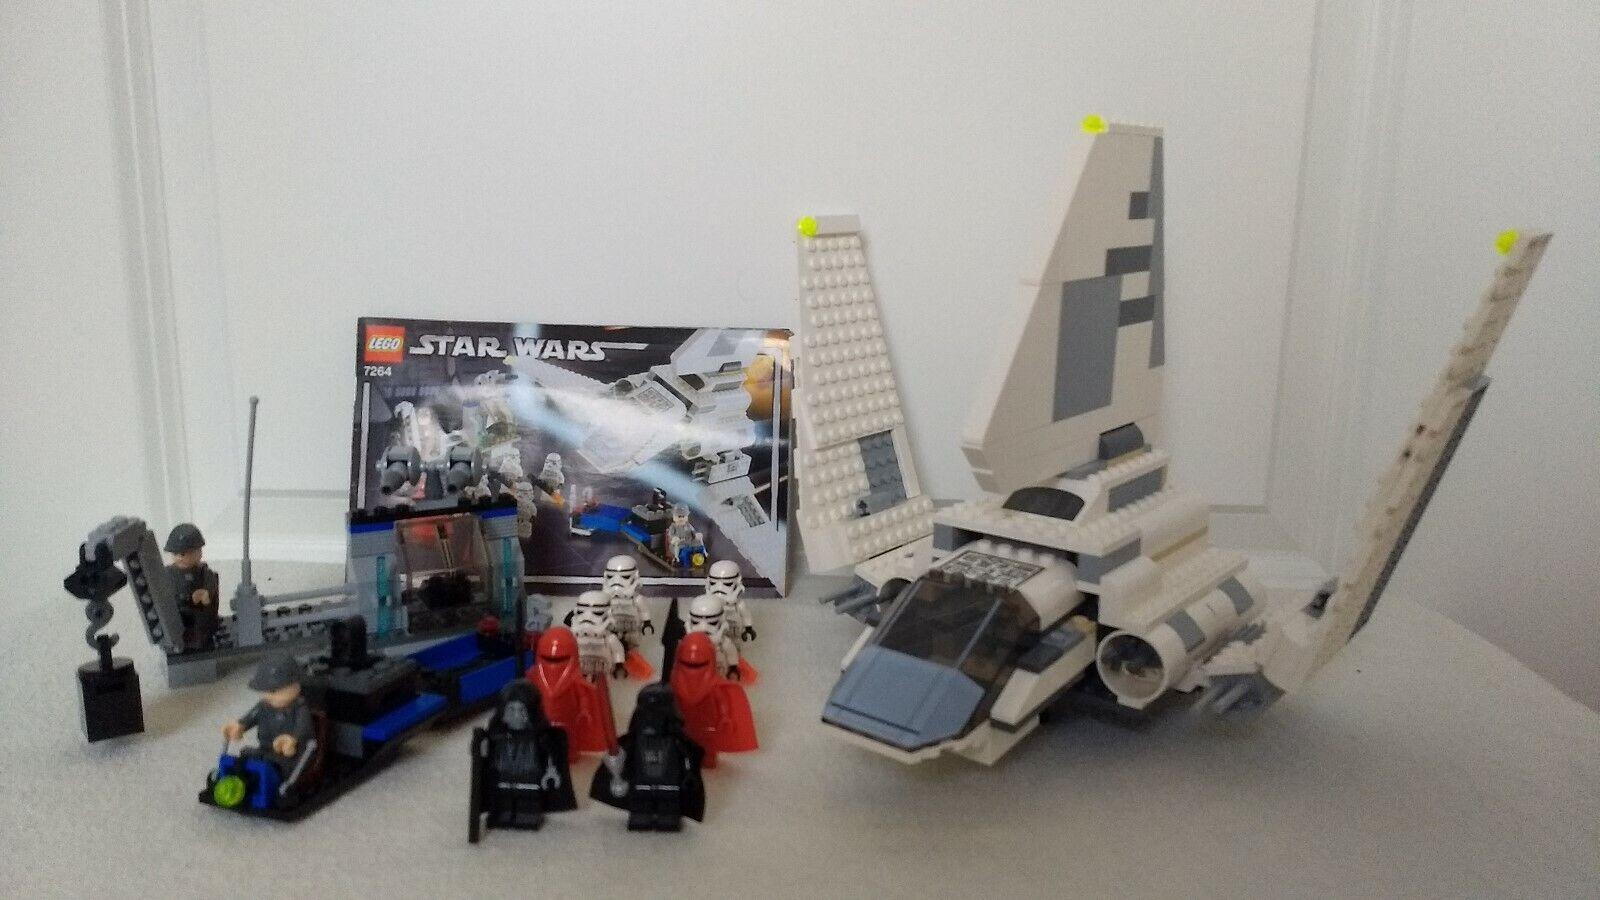 Lego Star Wars Set 7264 Imperial Inspection 10 Figuren Darth Vader +BA